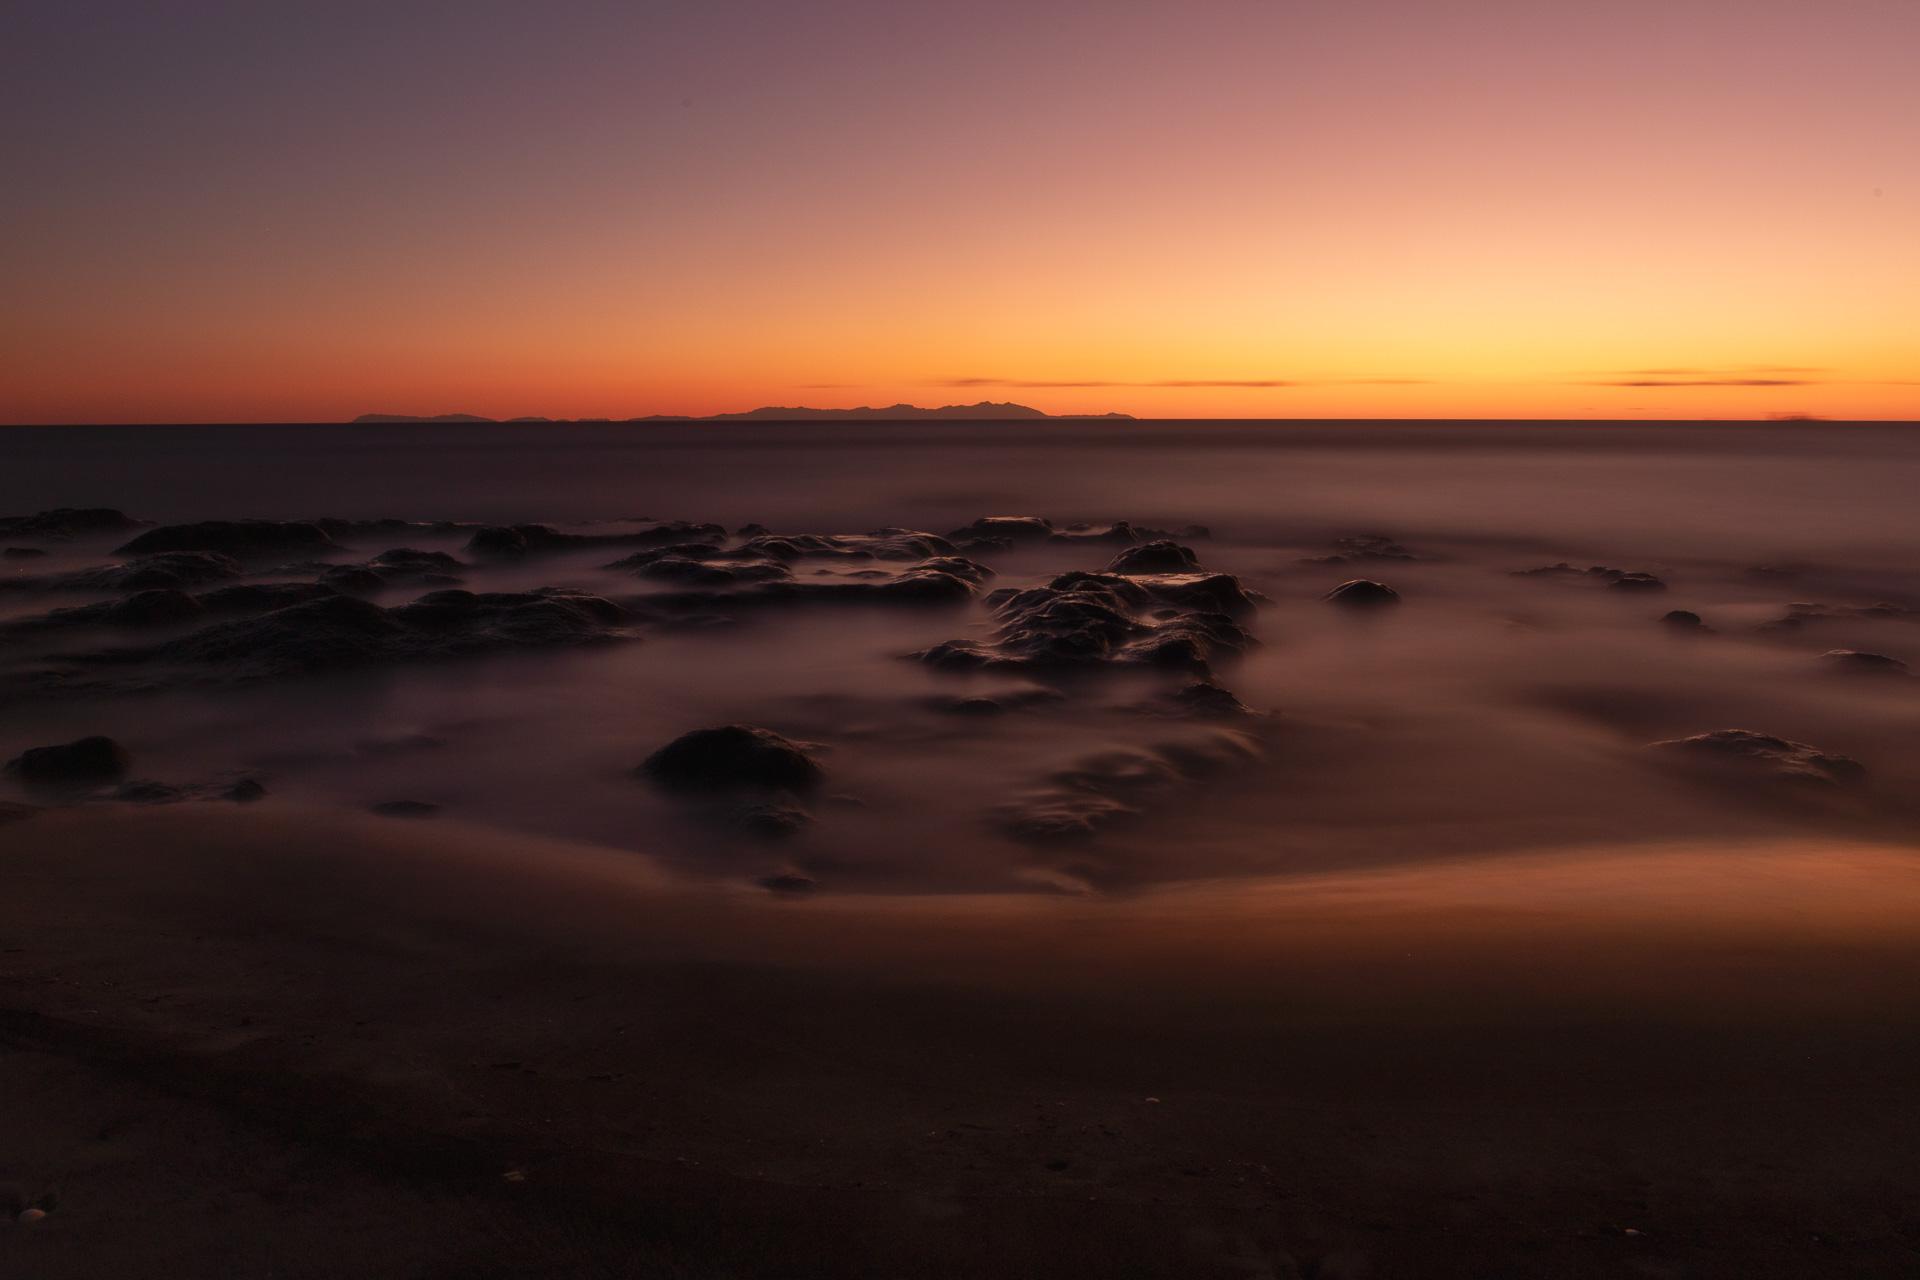 L'alba con le montagne dell'Albania, seascape long exposure photography